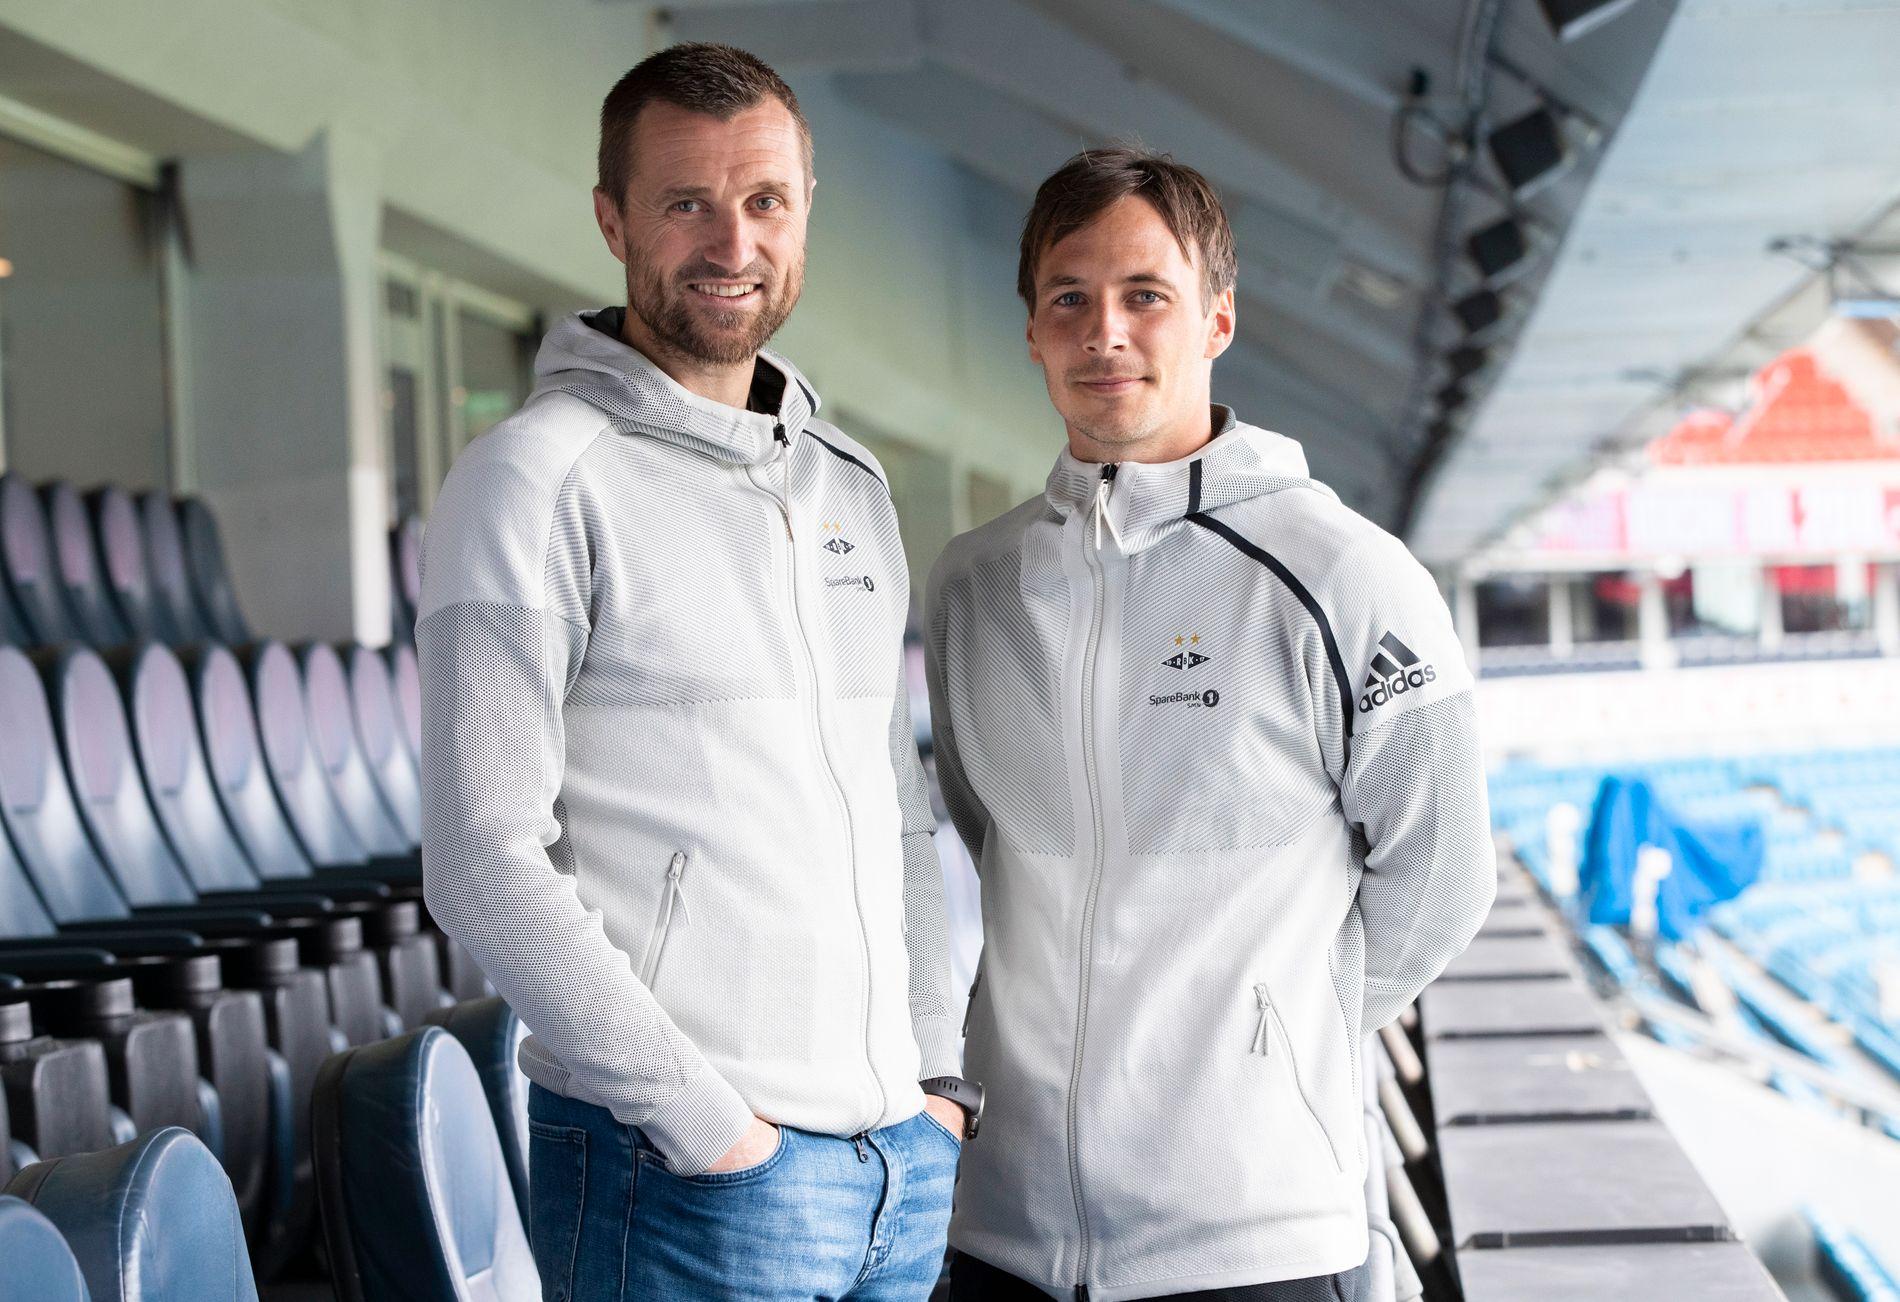 PÅ ULLEVAAL: RBK-trener Eirik Horneland og kaptein Mike Jensen var til stede på «Avspark».